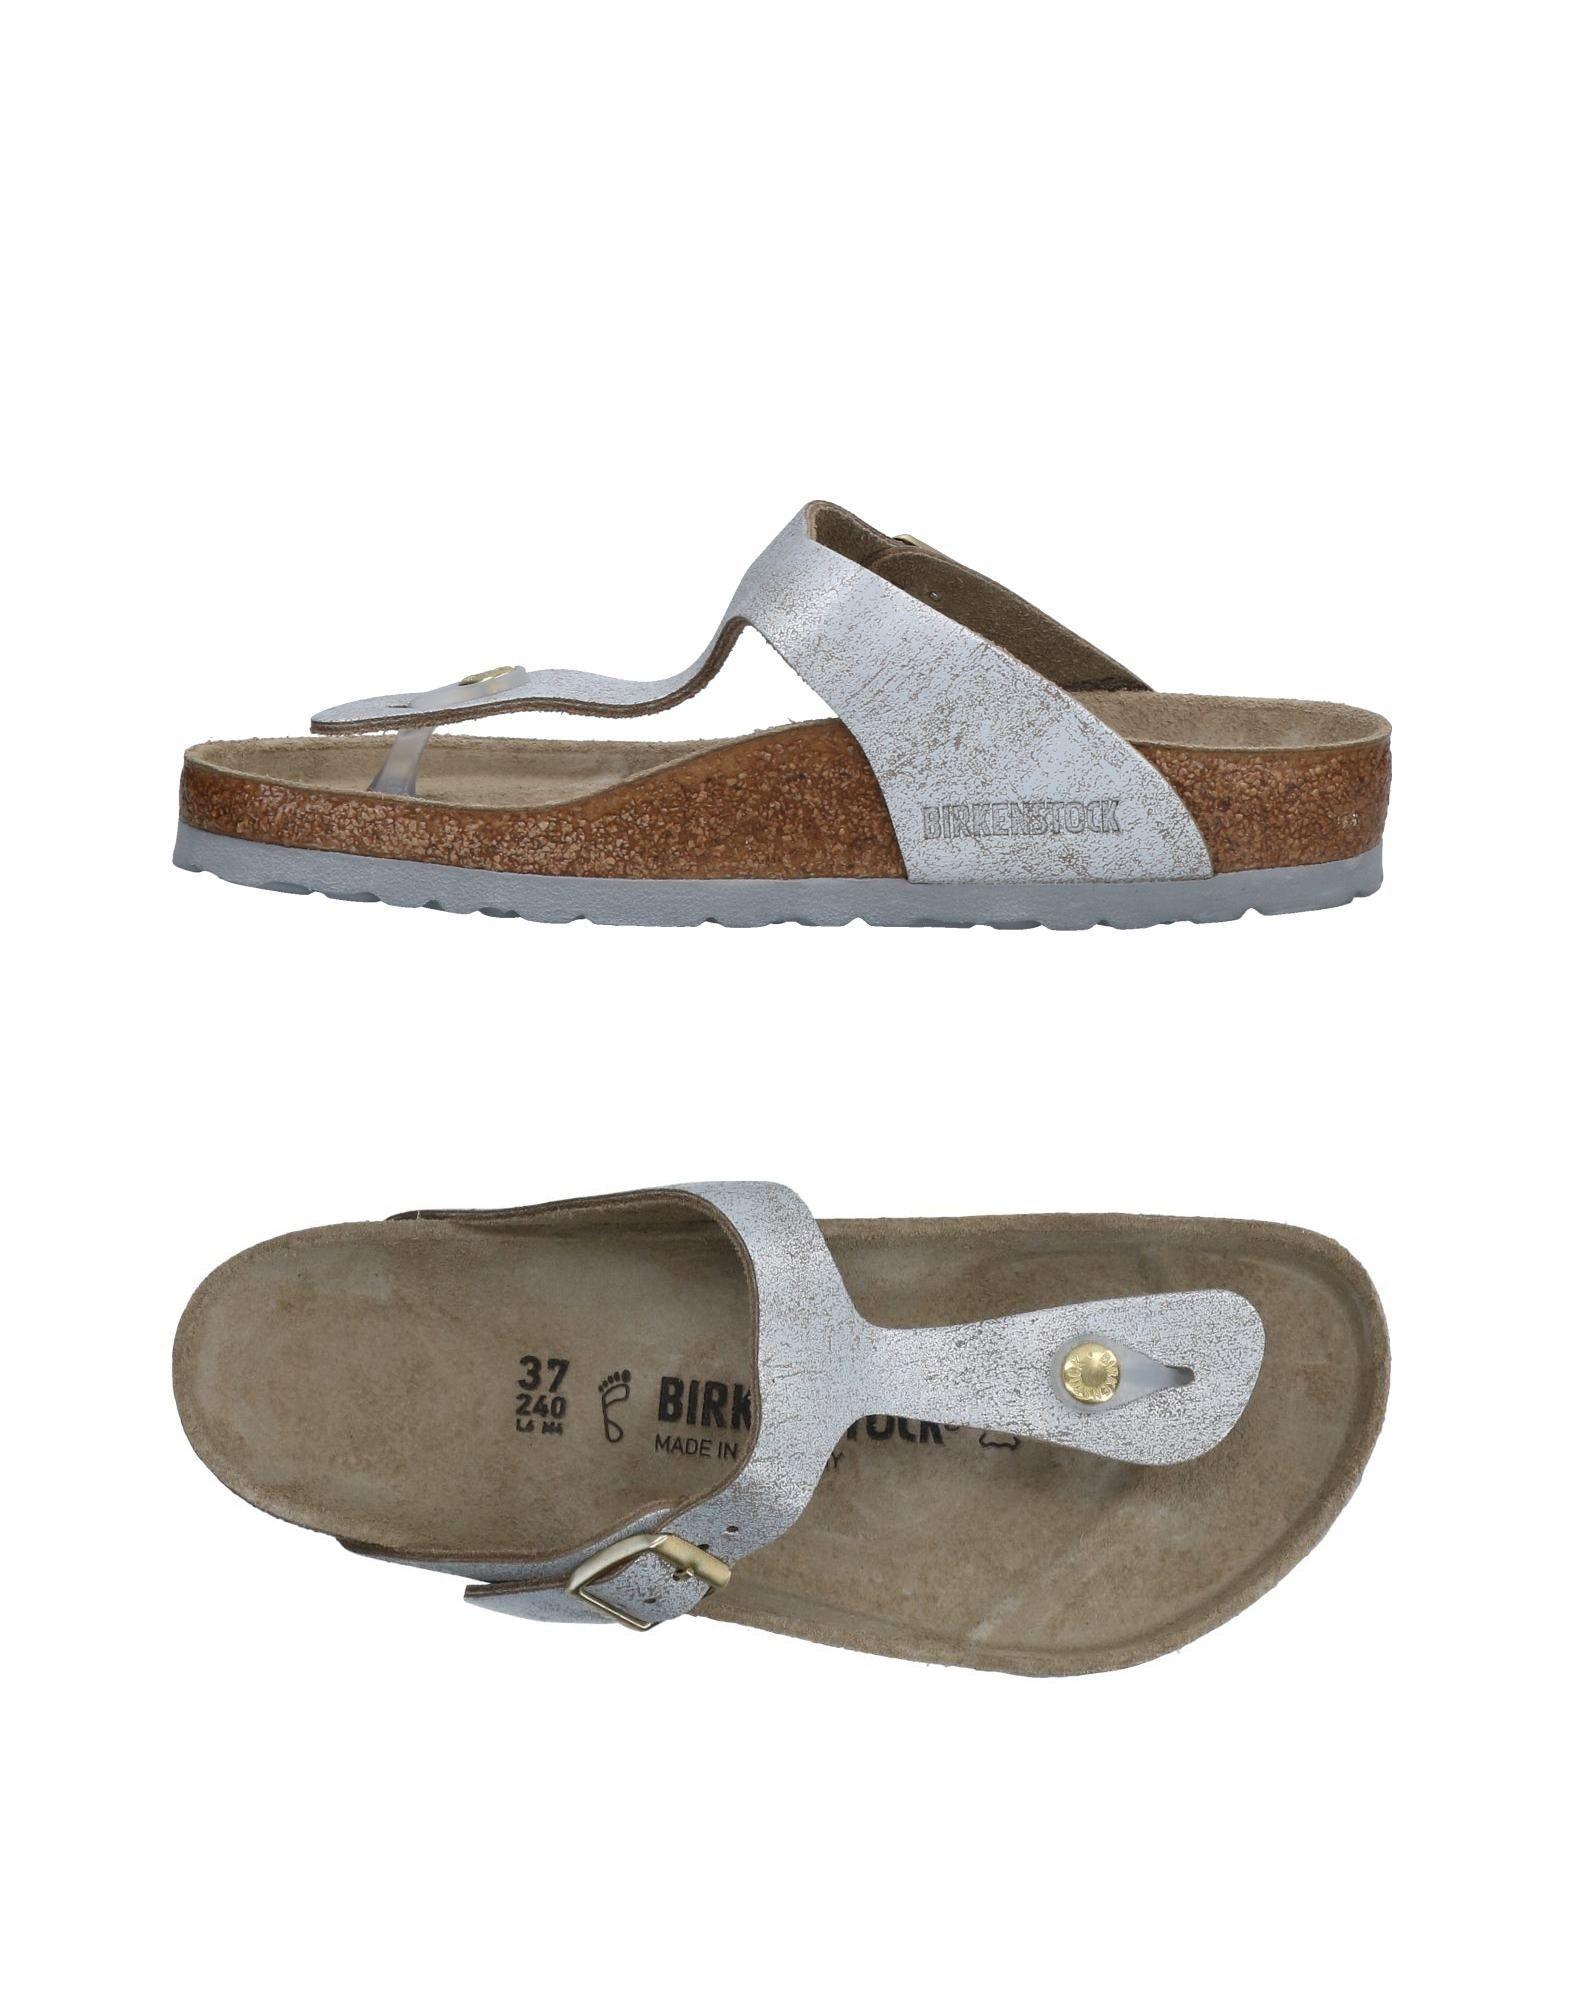 Birkenstock Dianetten Damen  11471579SL Gute Qualität beliebte Schuhe